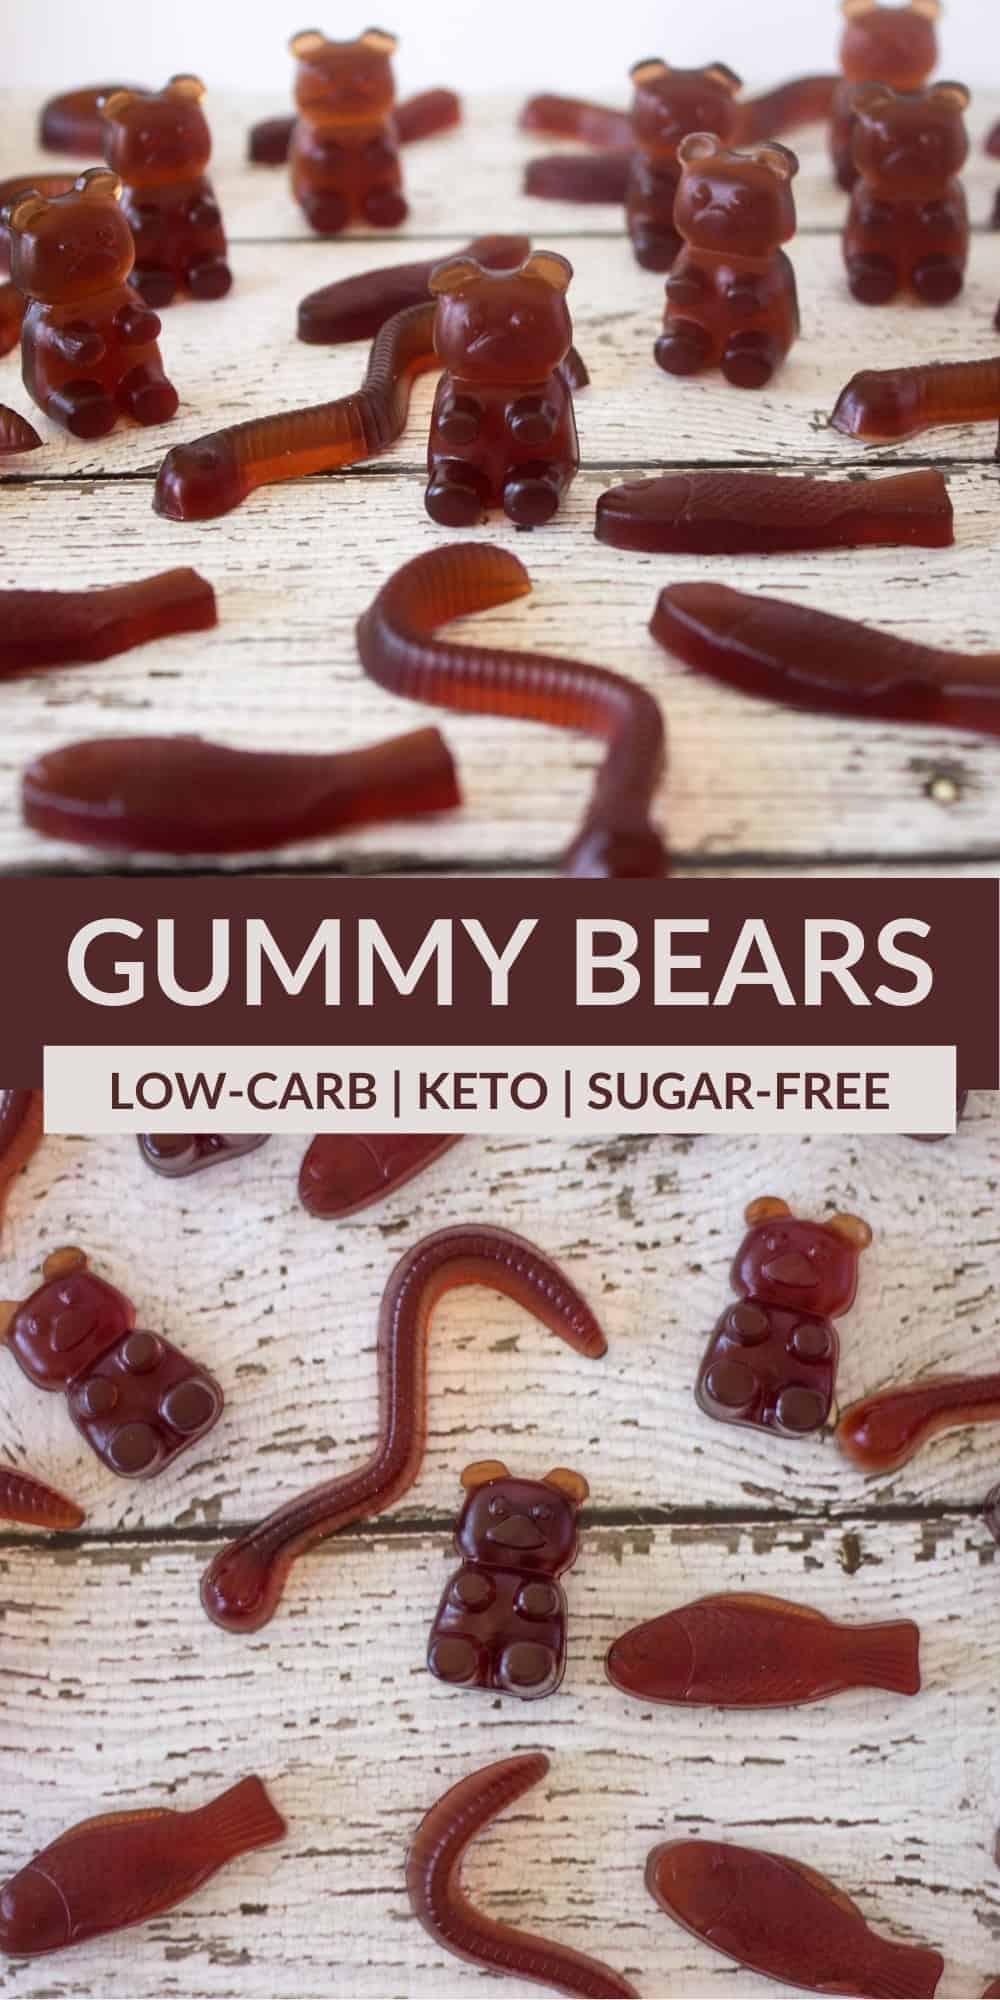 keto gummy bears pinterest image